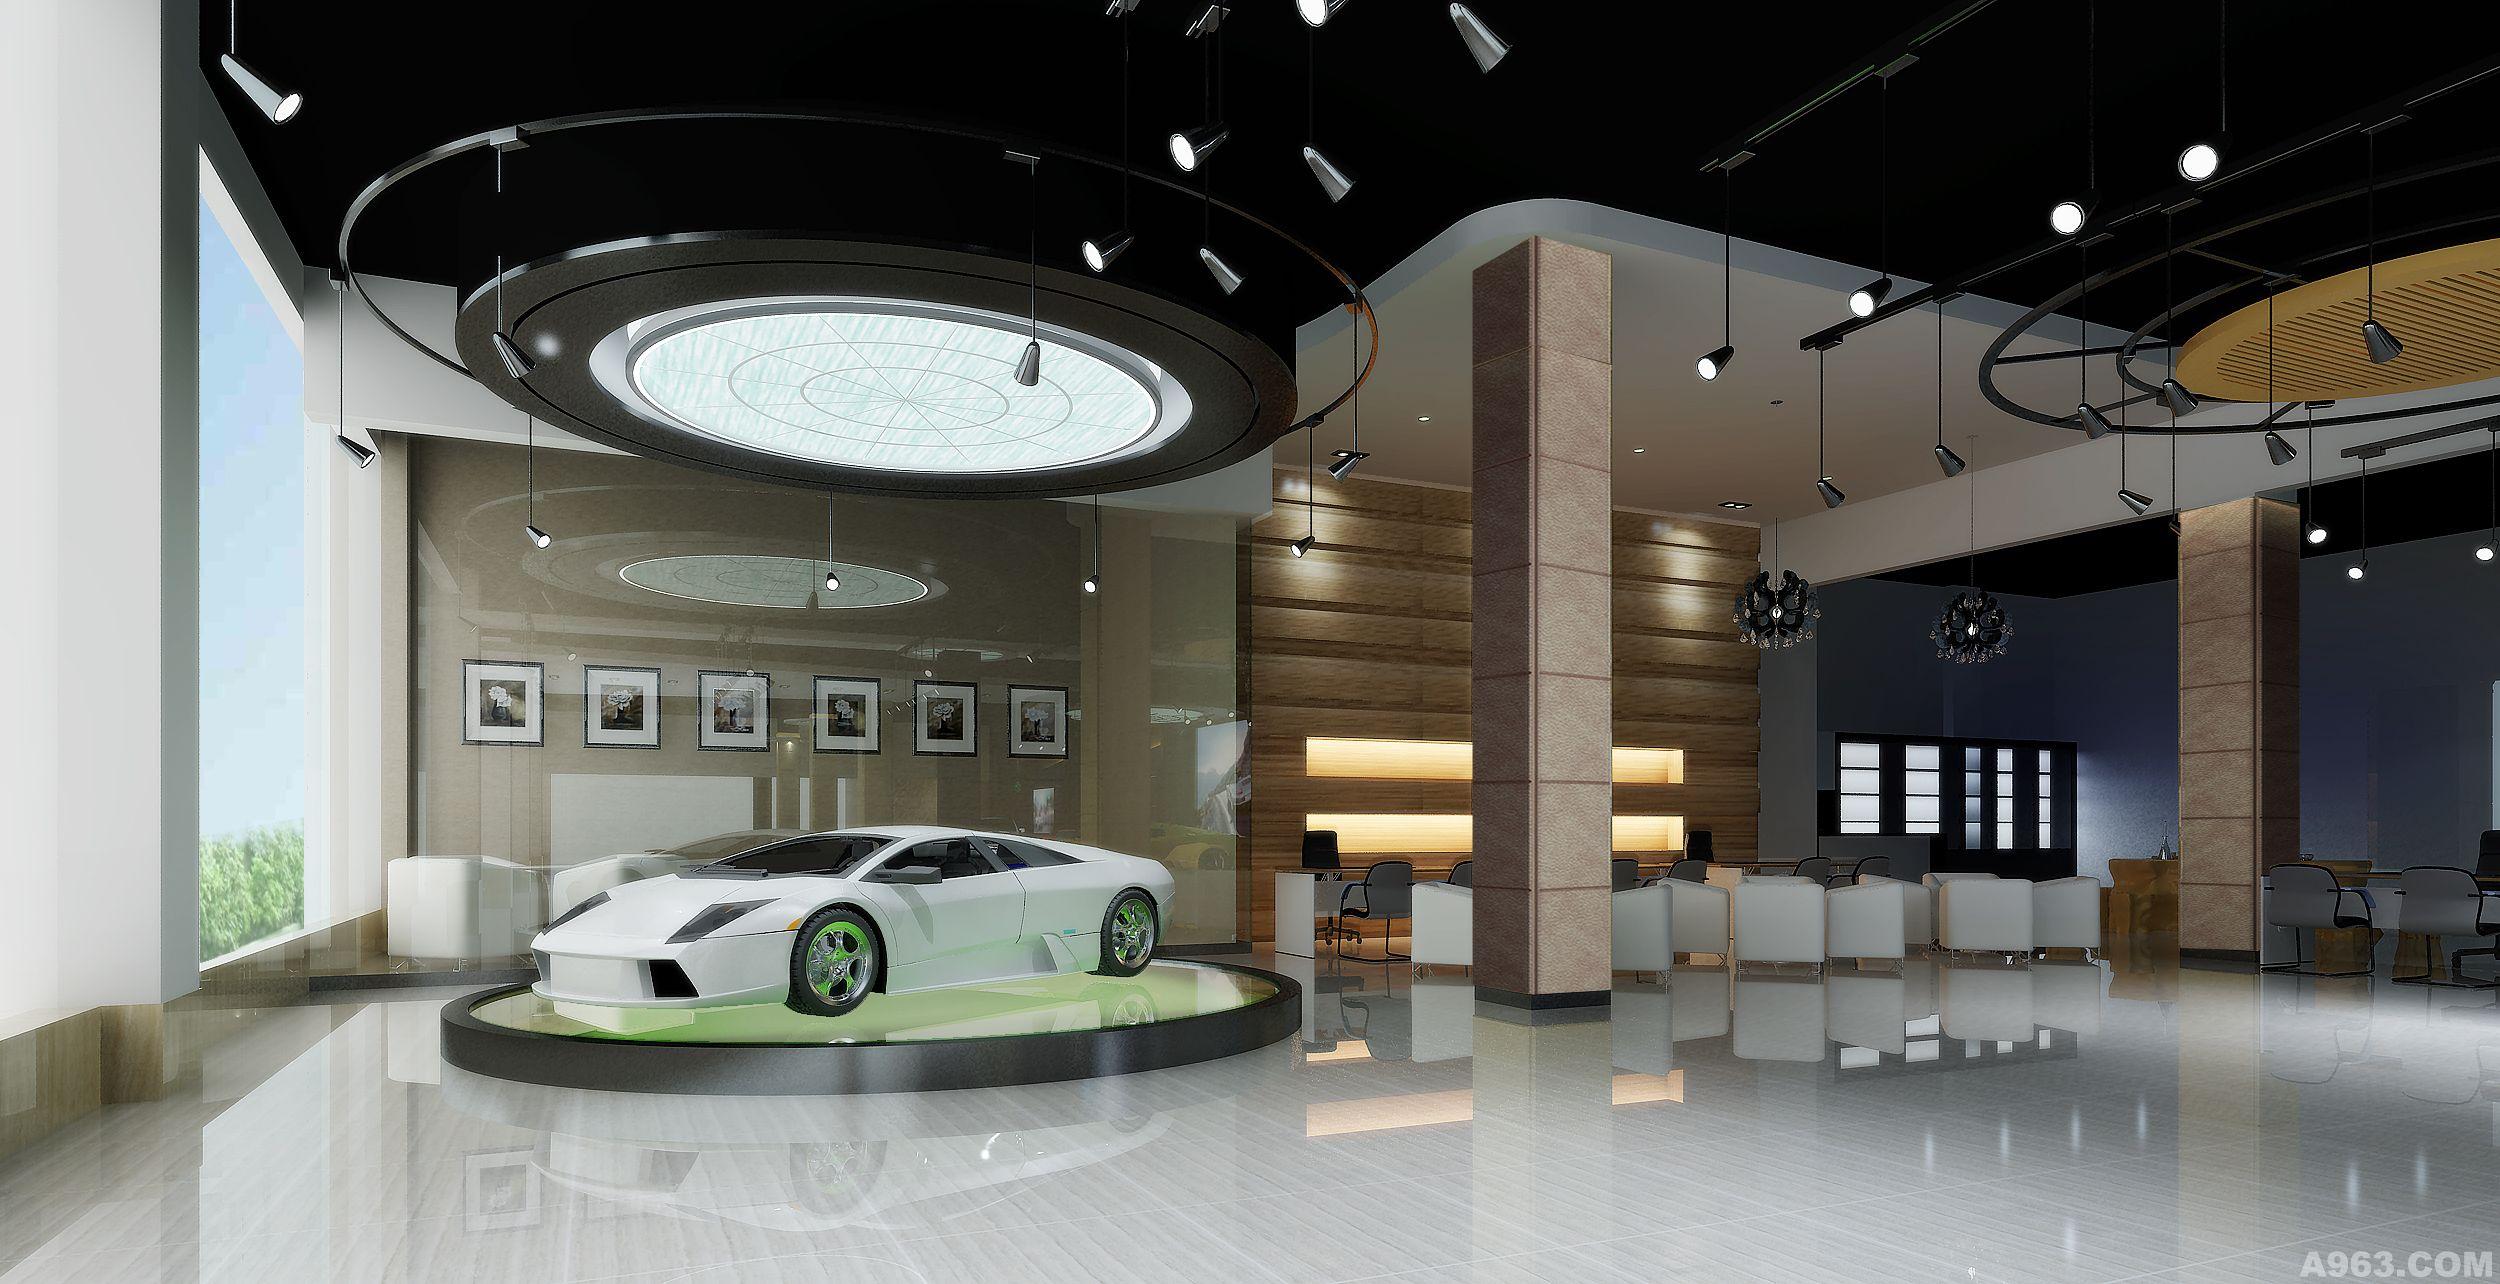 广州驰悦汽车展厅 - 展示空间 - 孙立荣设计作品案例